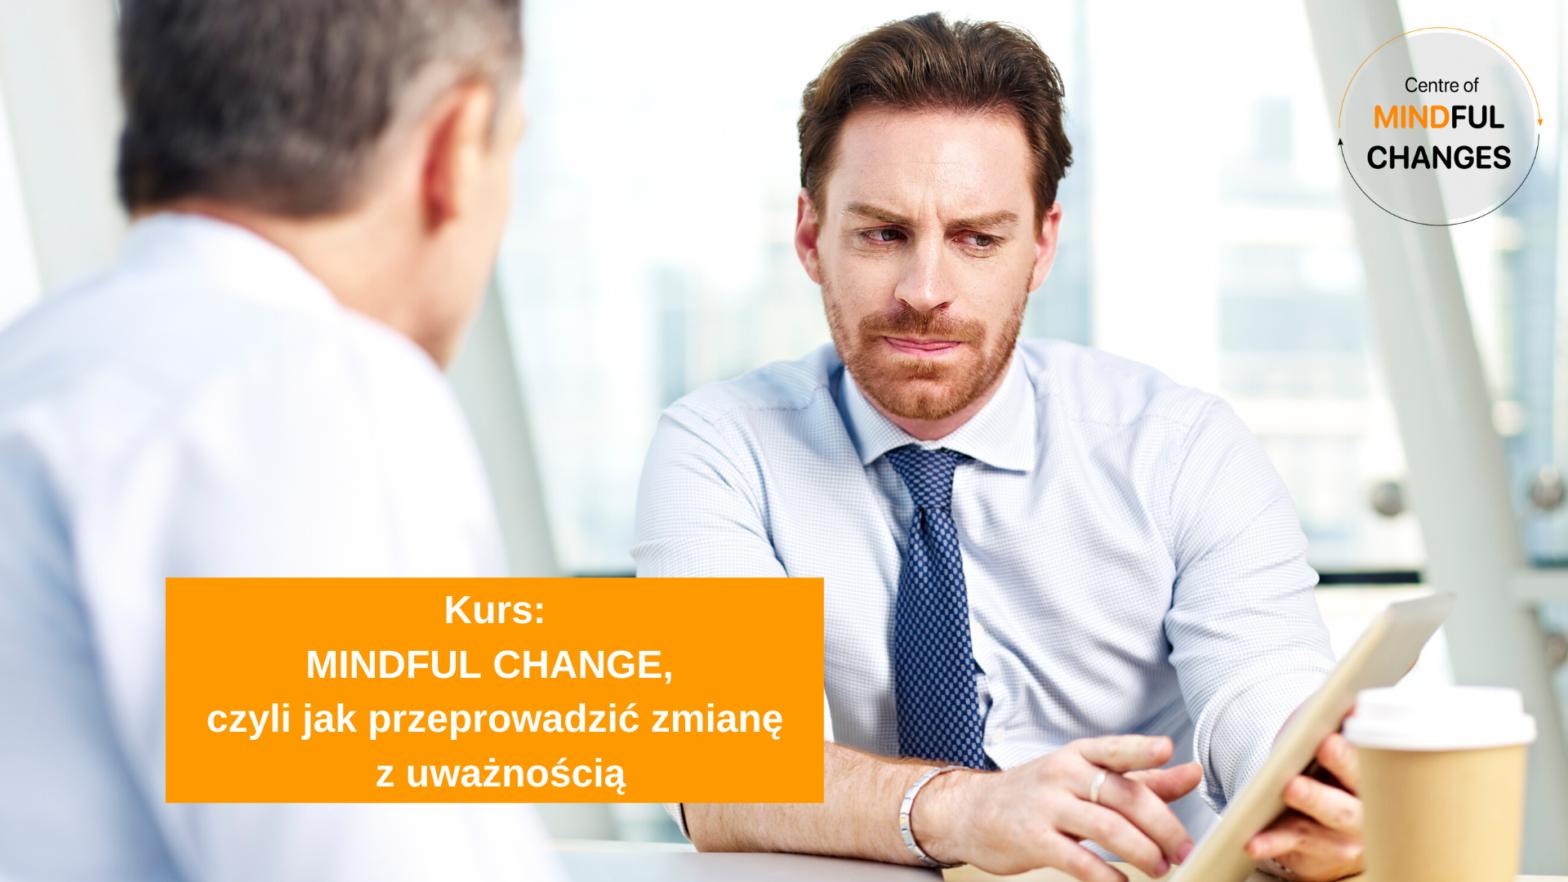 Mindful Change, czyli jak przeprowadzić zmianę z uważnością